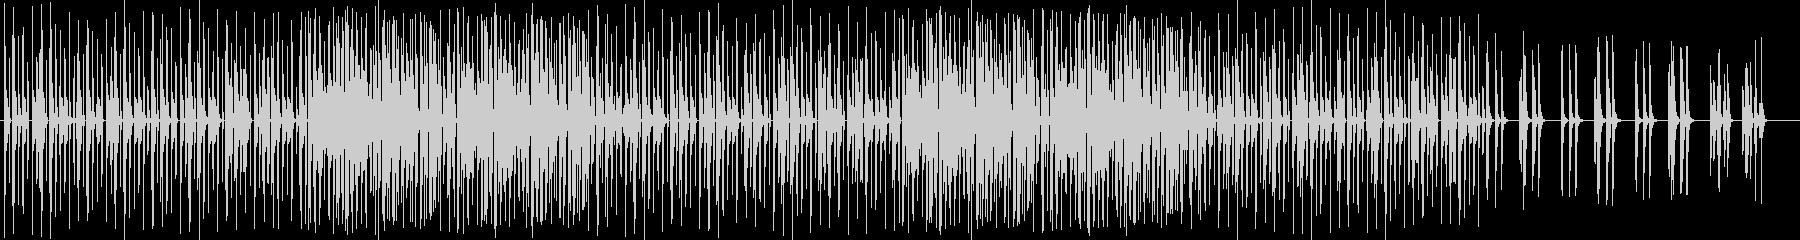 冬をイメージする音のハッピーな曲の未再生の波形